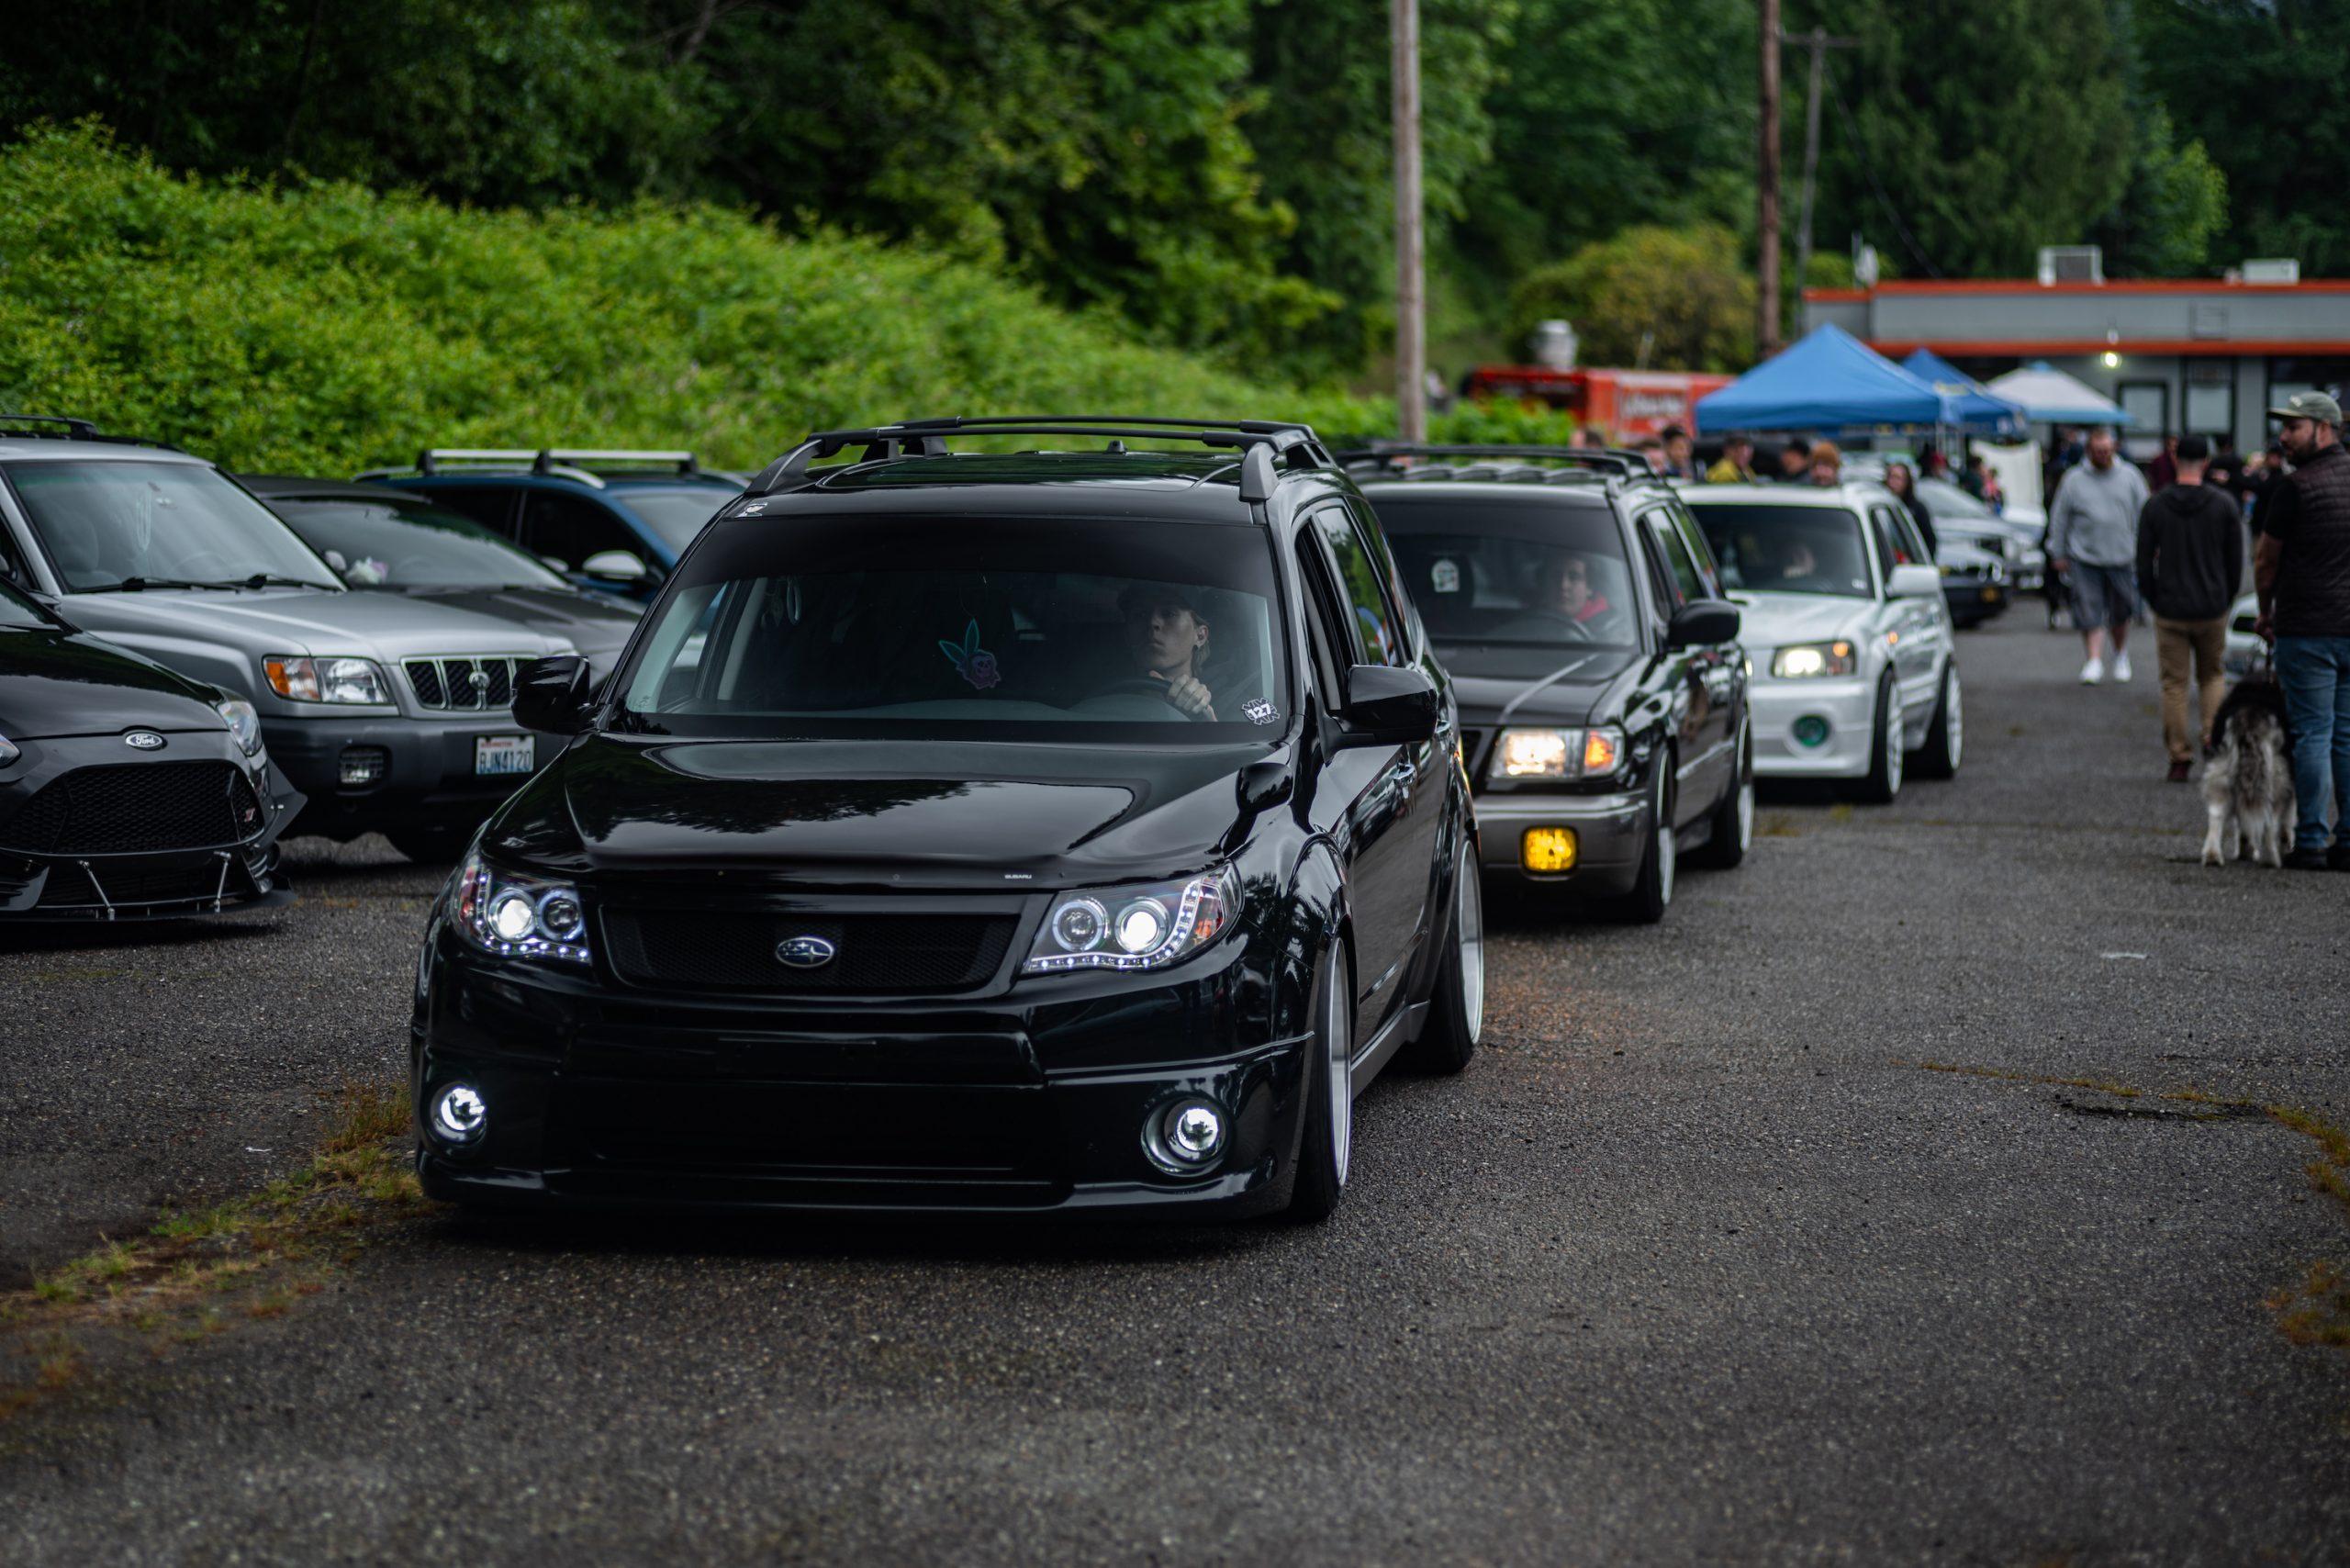 Subaru Wagons Rolling Through Festival